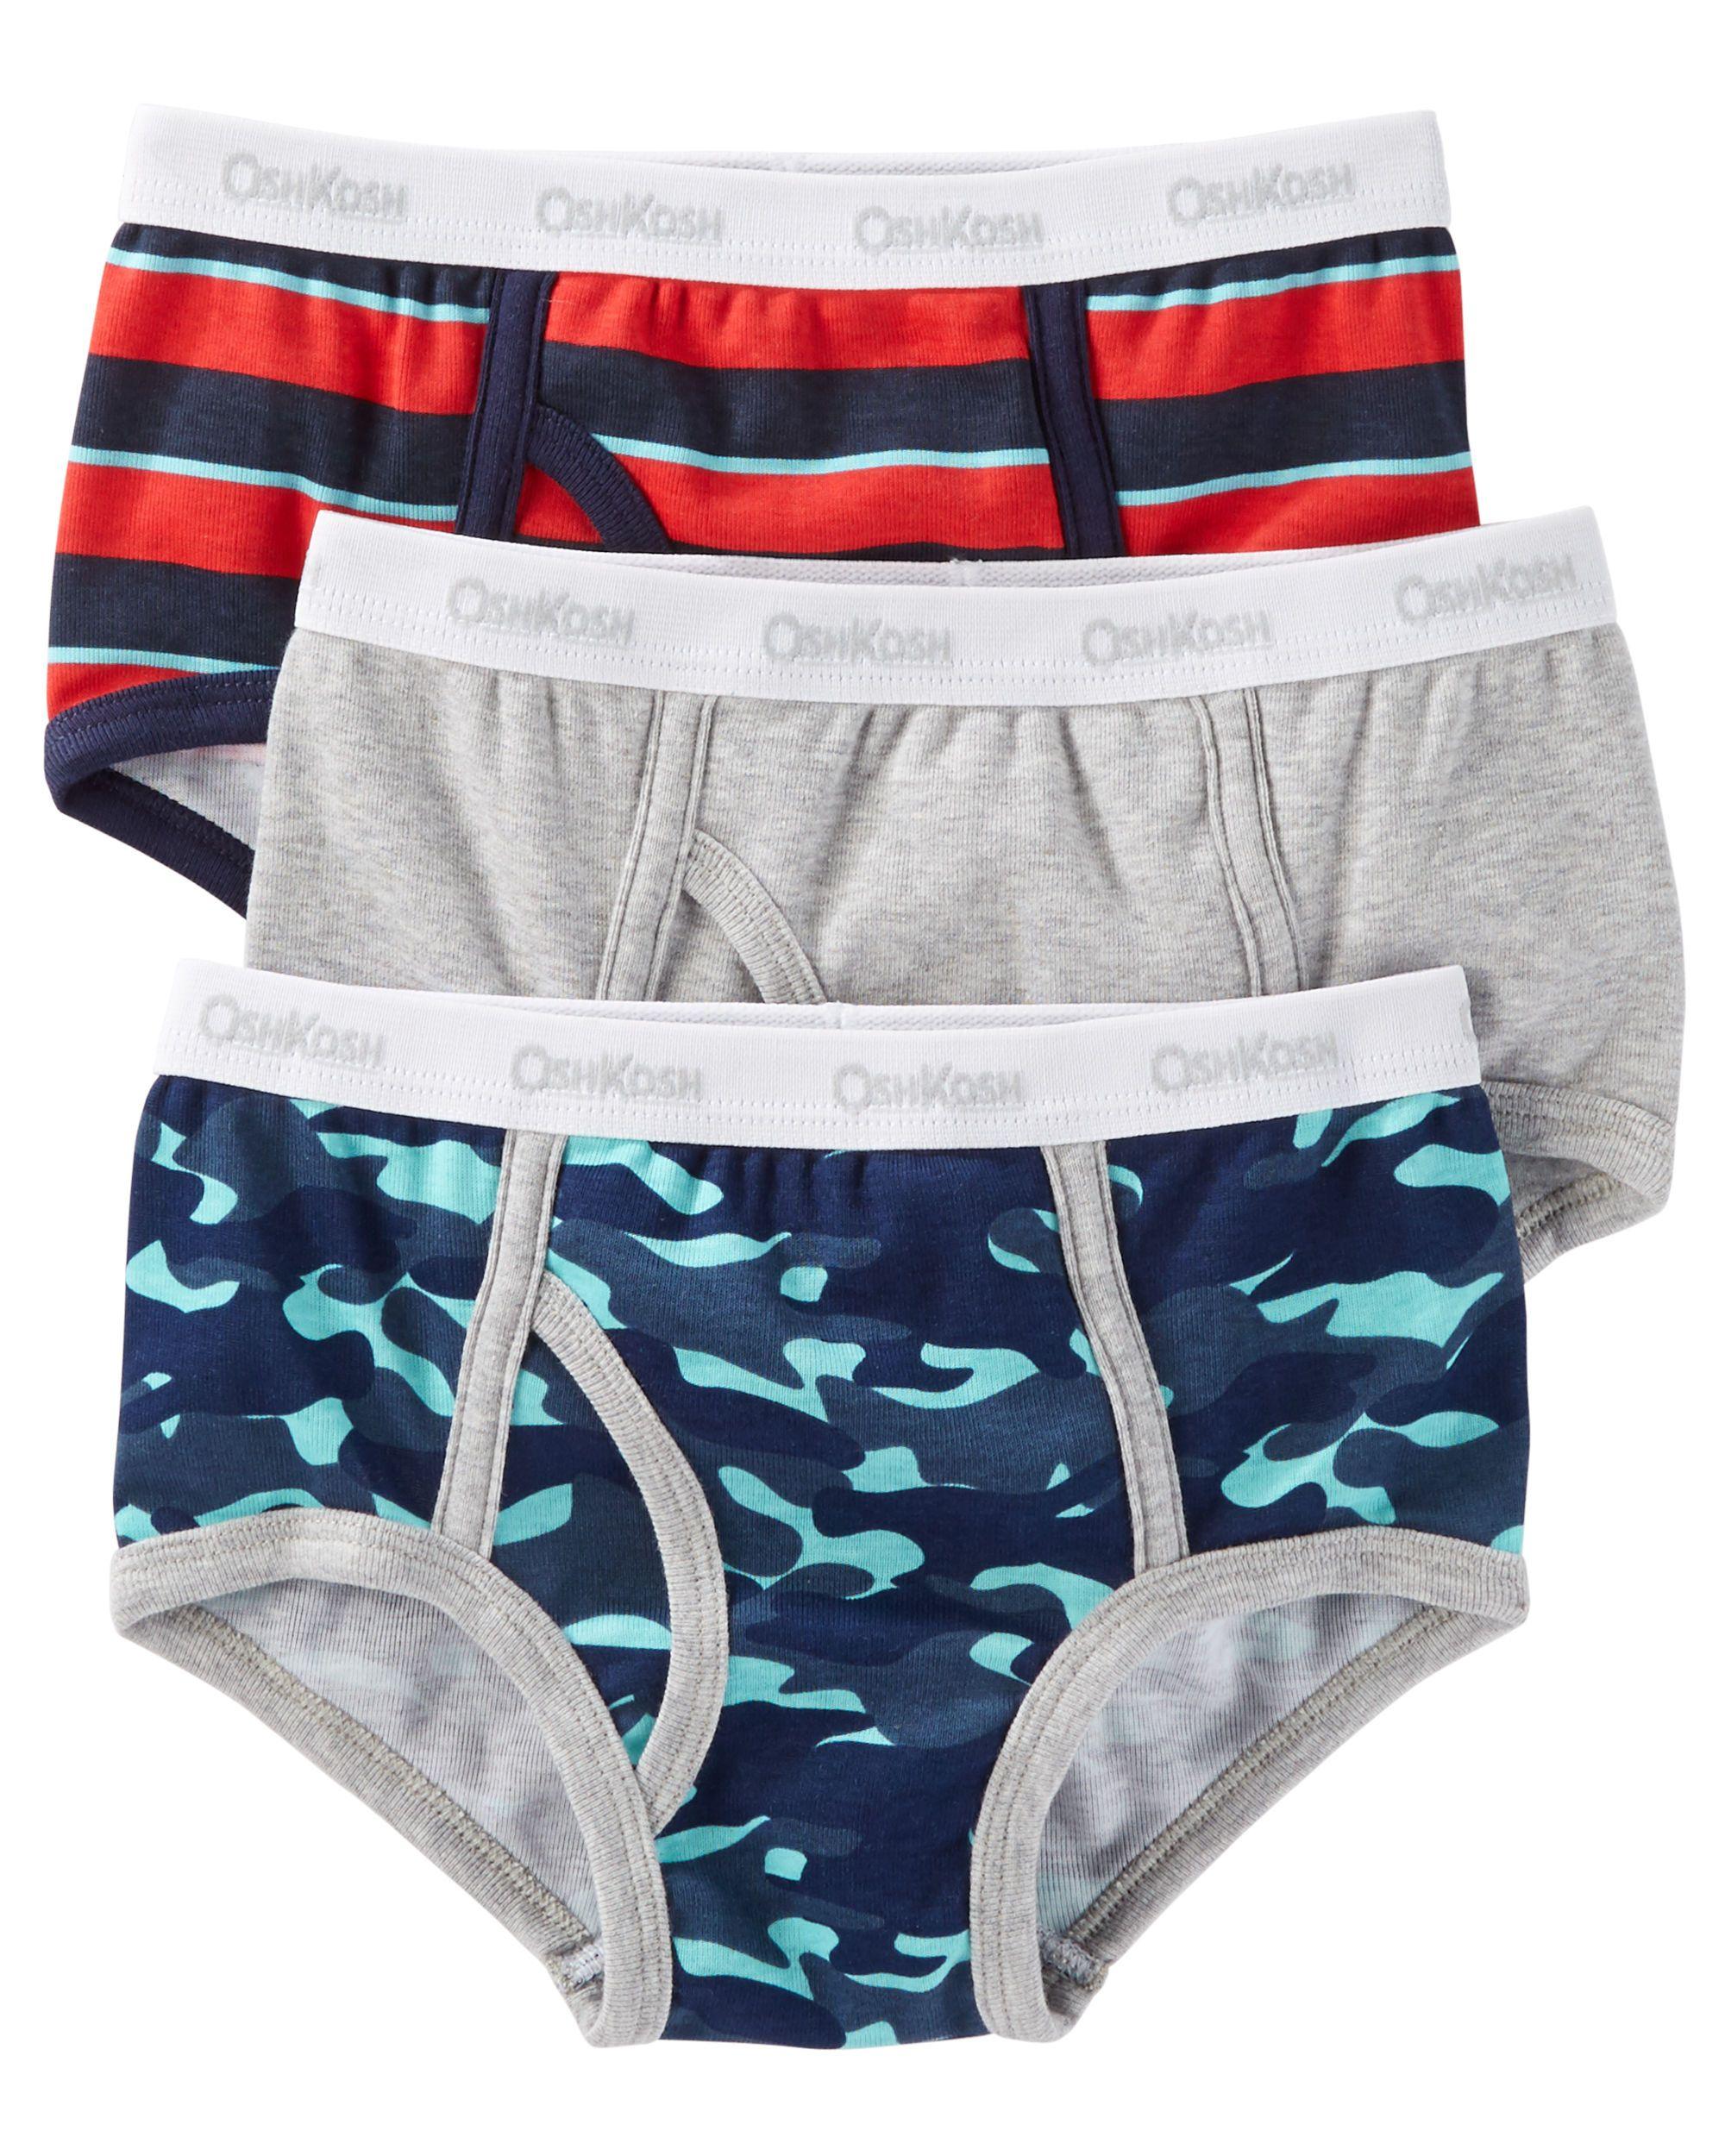 a284034f3d61 3-Pack Cotton Briefs   Baby checklist   Boys underwear, Toddler ...